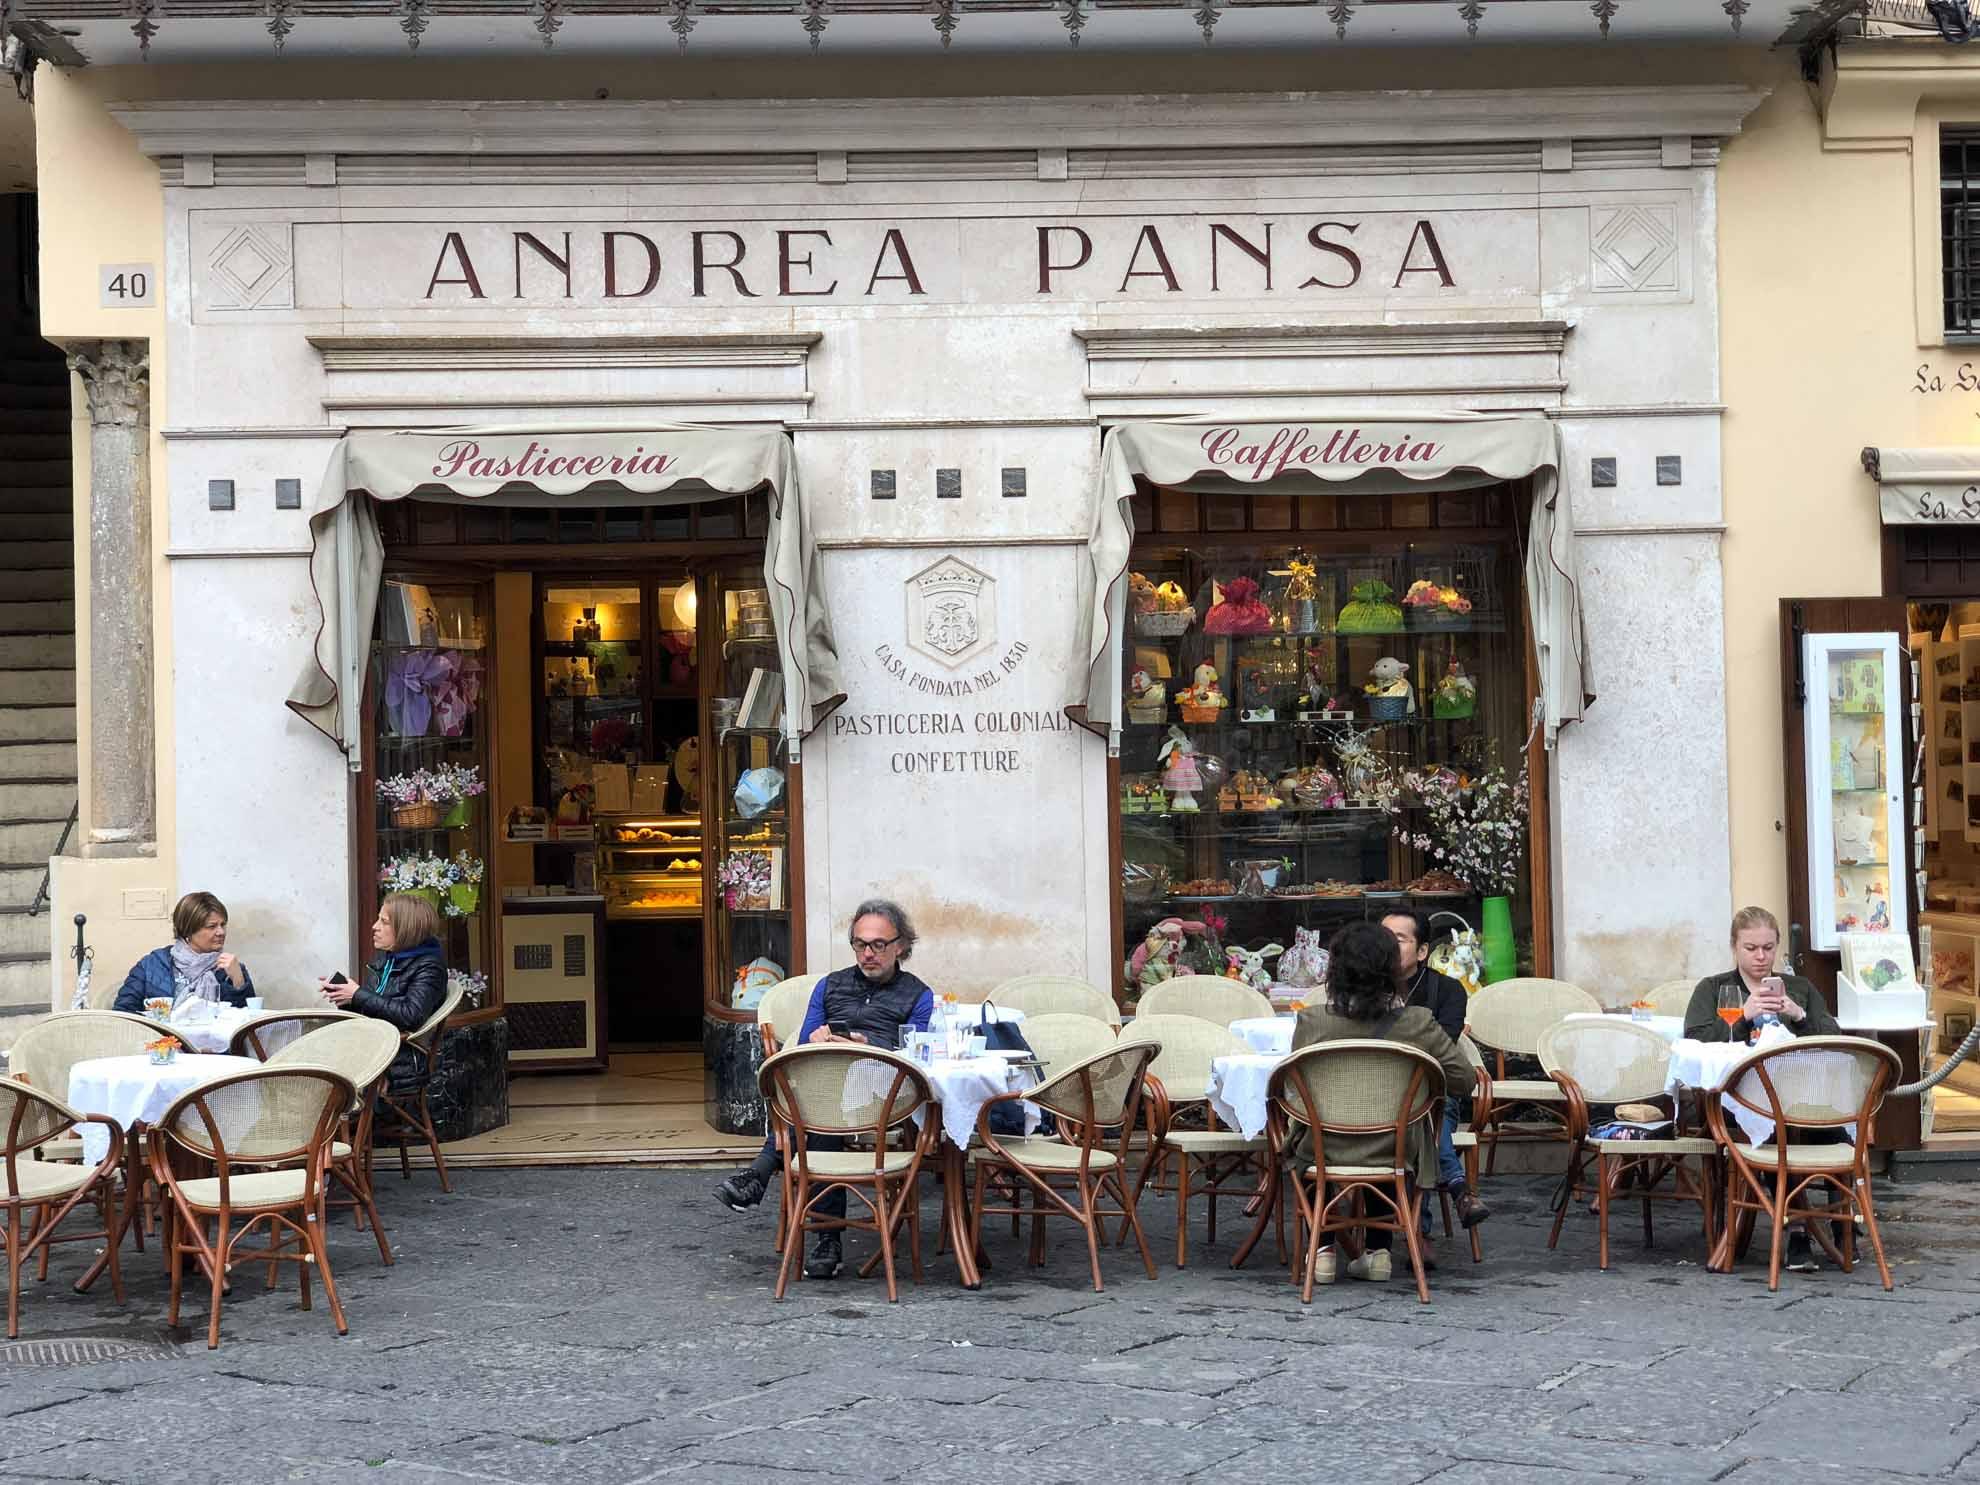 Kleine Pause in der Pasticceria Pansa Amalfi – hier werden wunderbare süße Kleinigkeiten serviert.